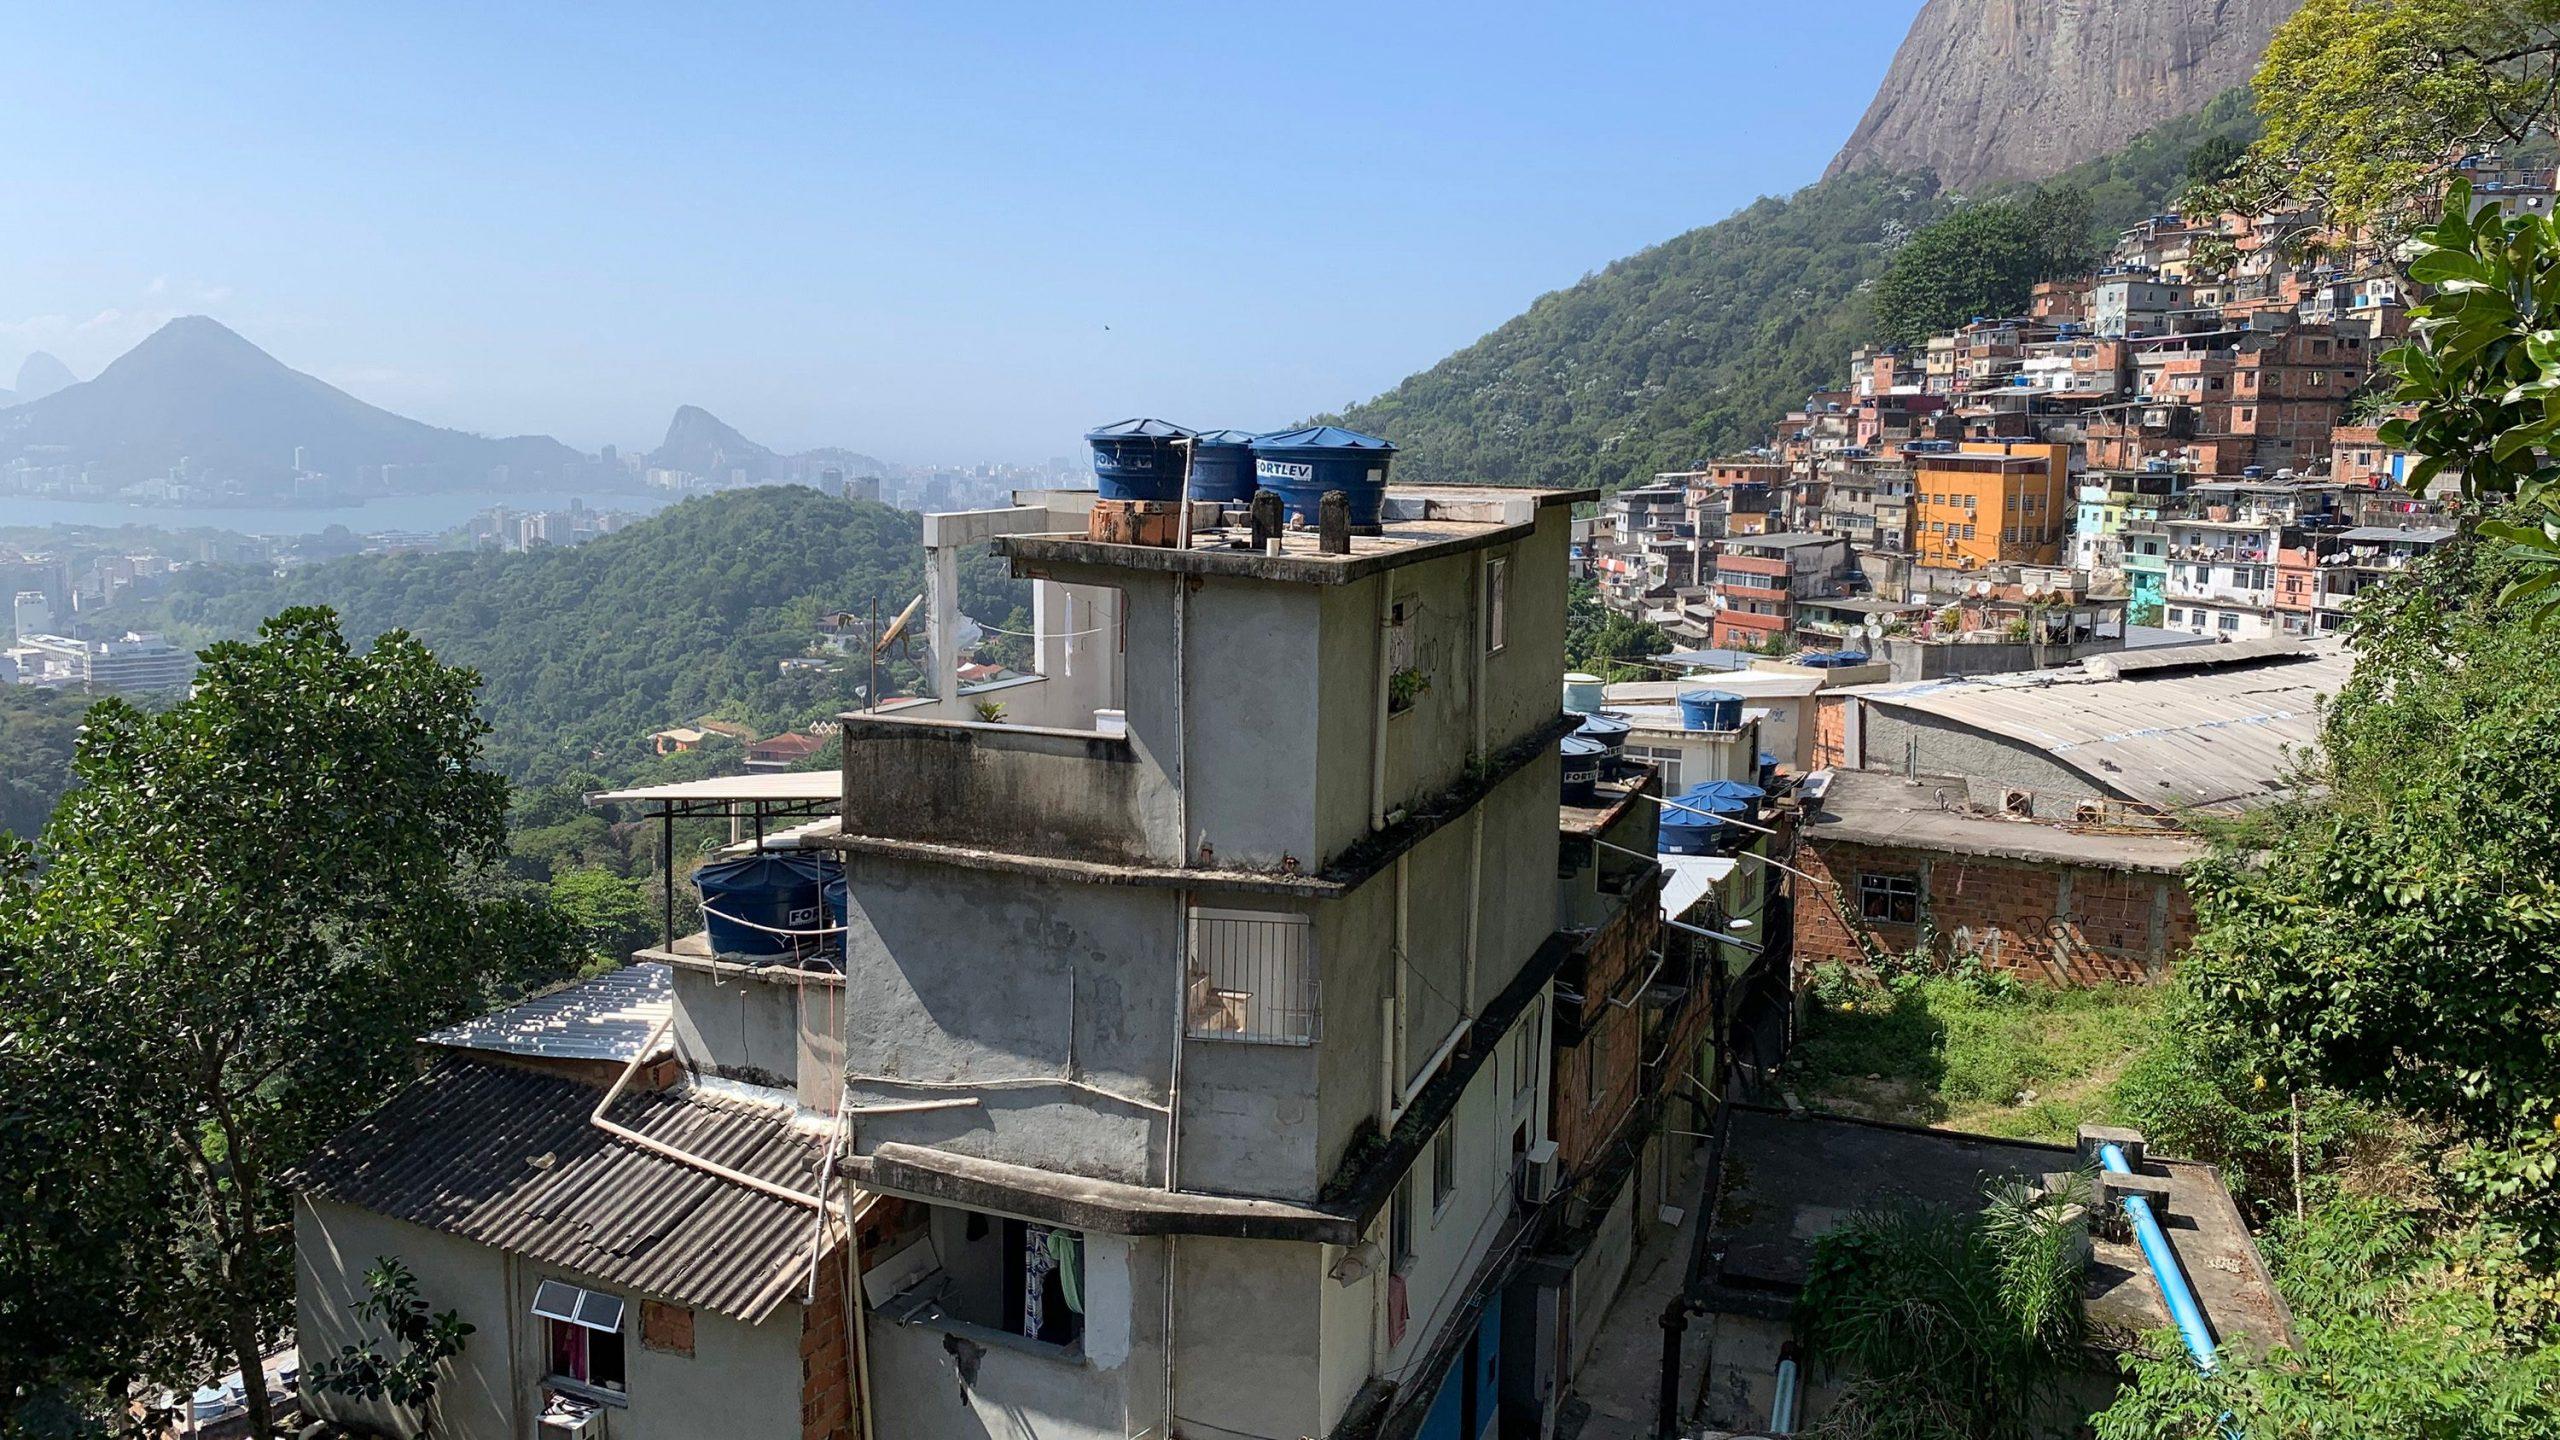 リオ最大のスラム街で始まったデジタル化、都市の貧困問題に挑む